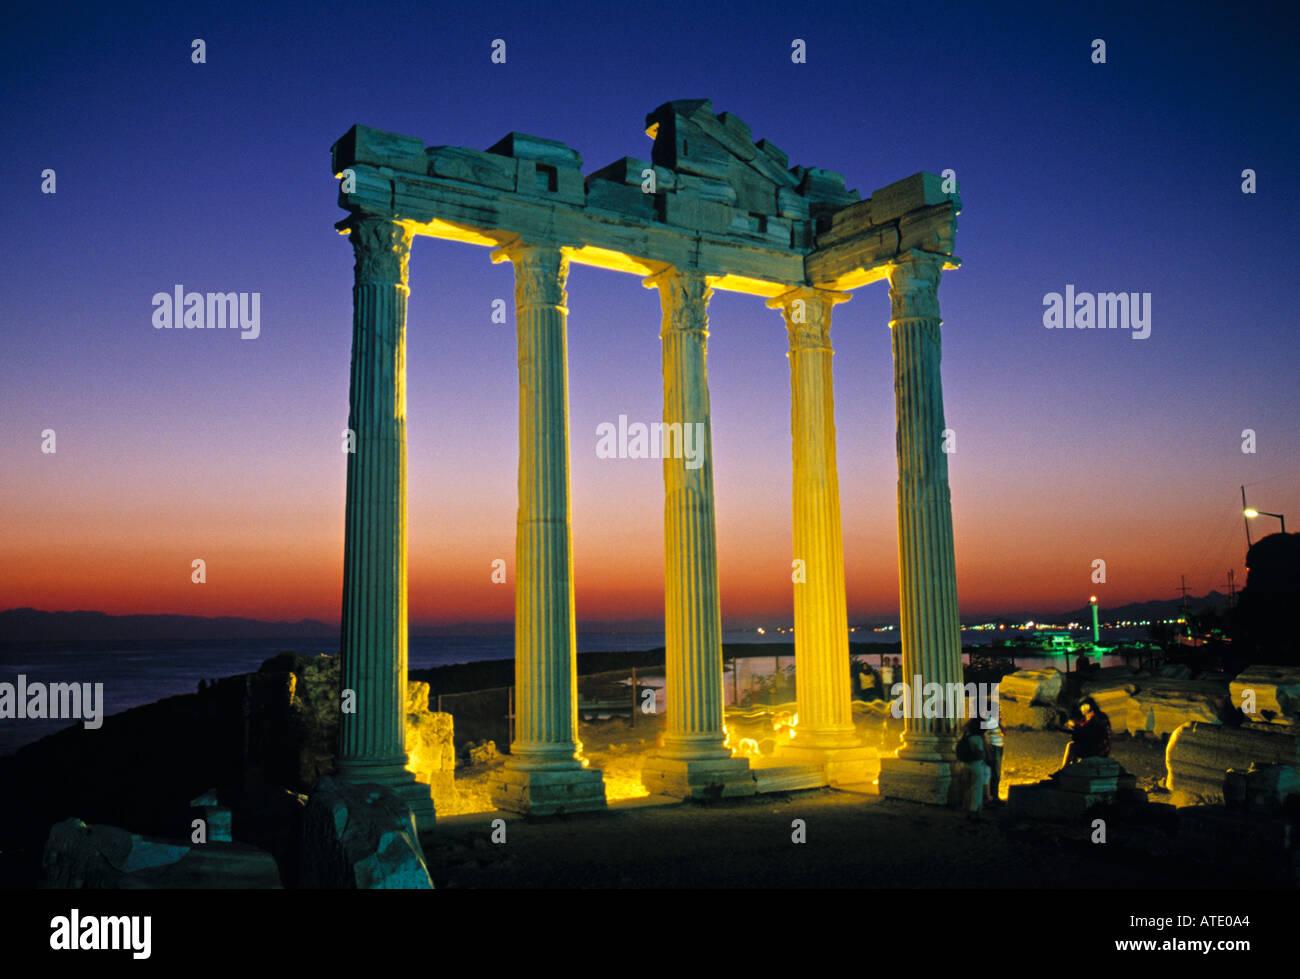 Templo de Apolo, Lateral, Turquía Imagen De Stock